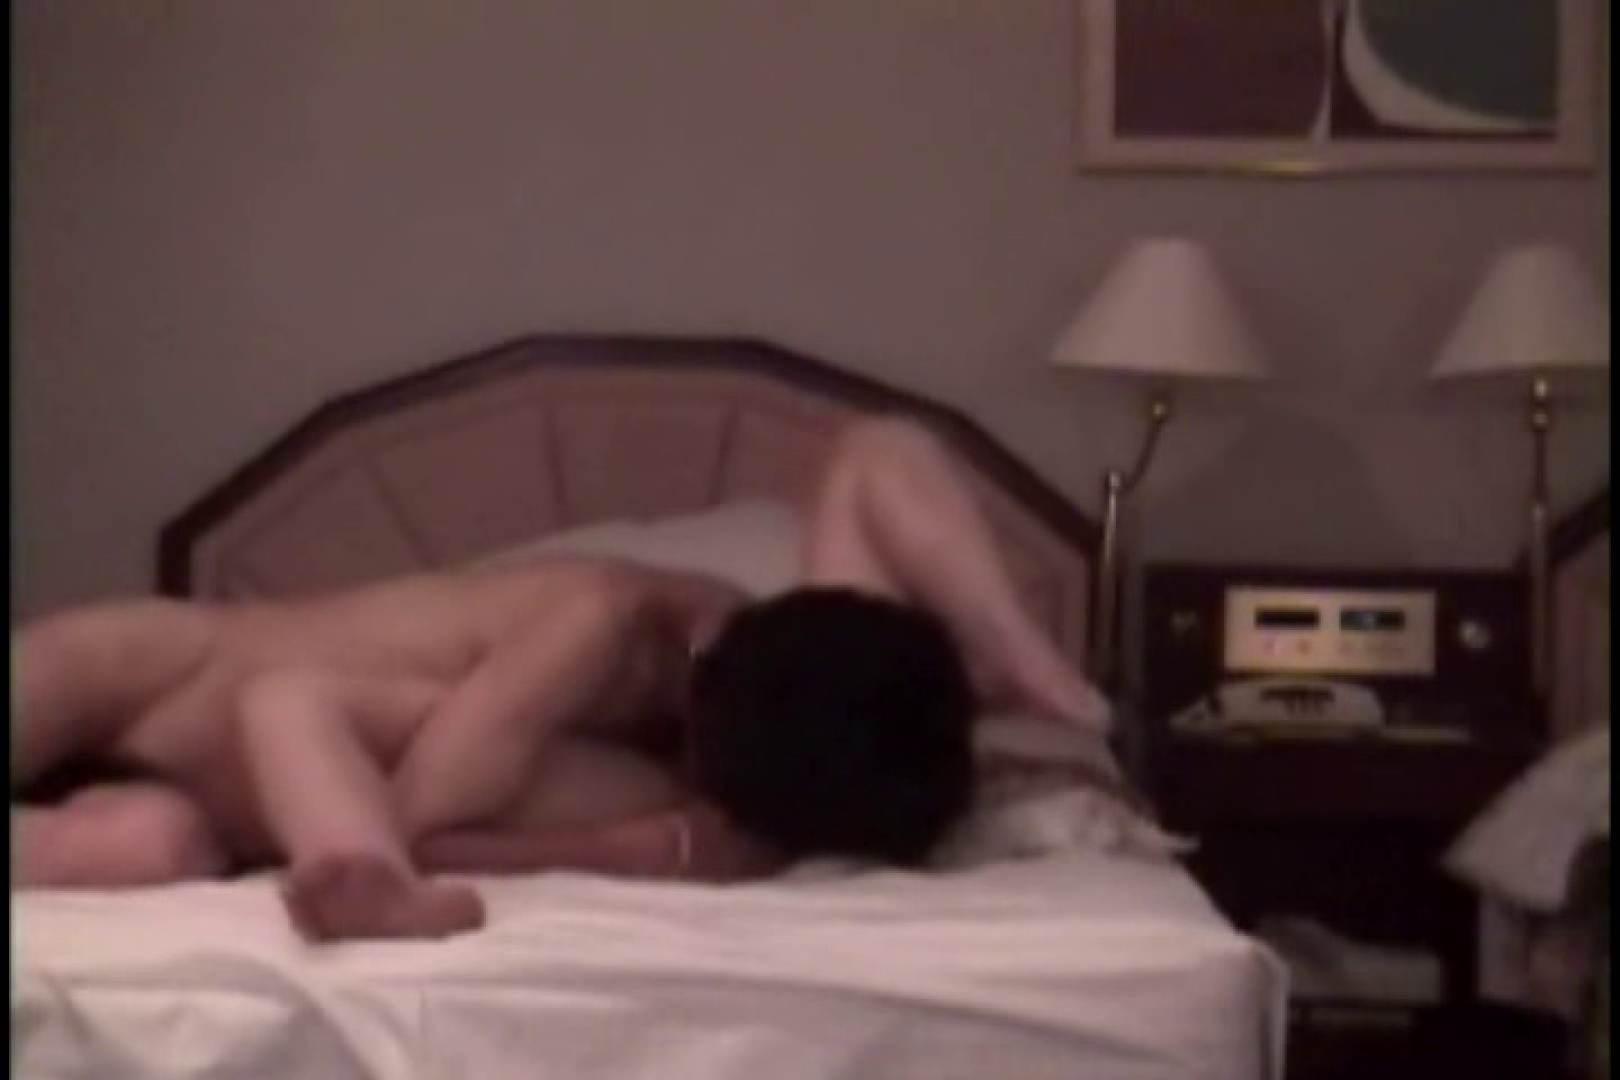 ホテルに抱かれに来る美熟女 卑猥  98連発 15